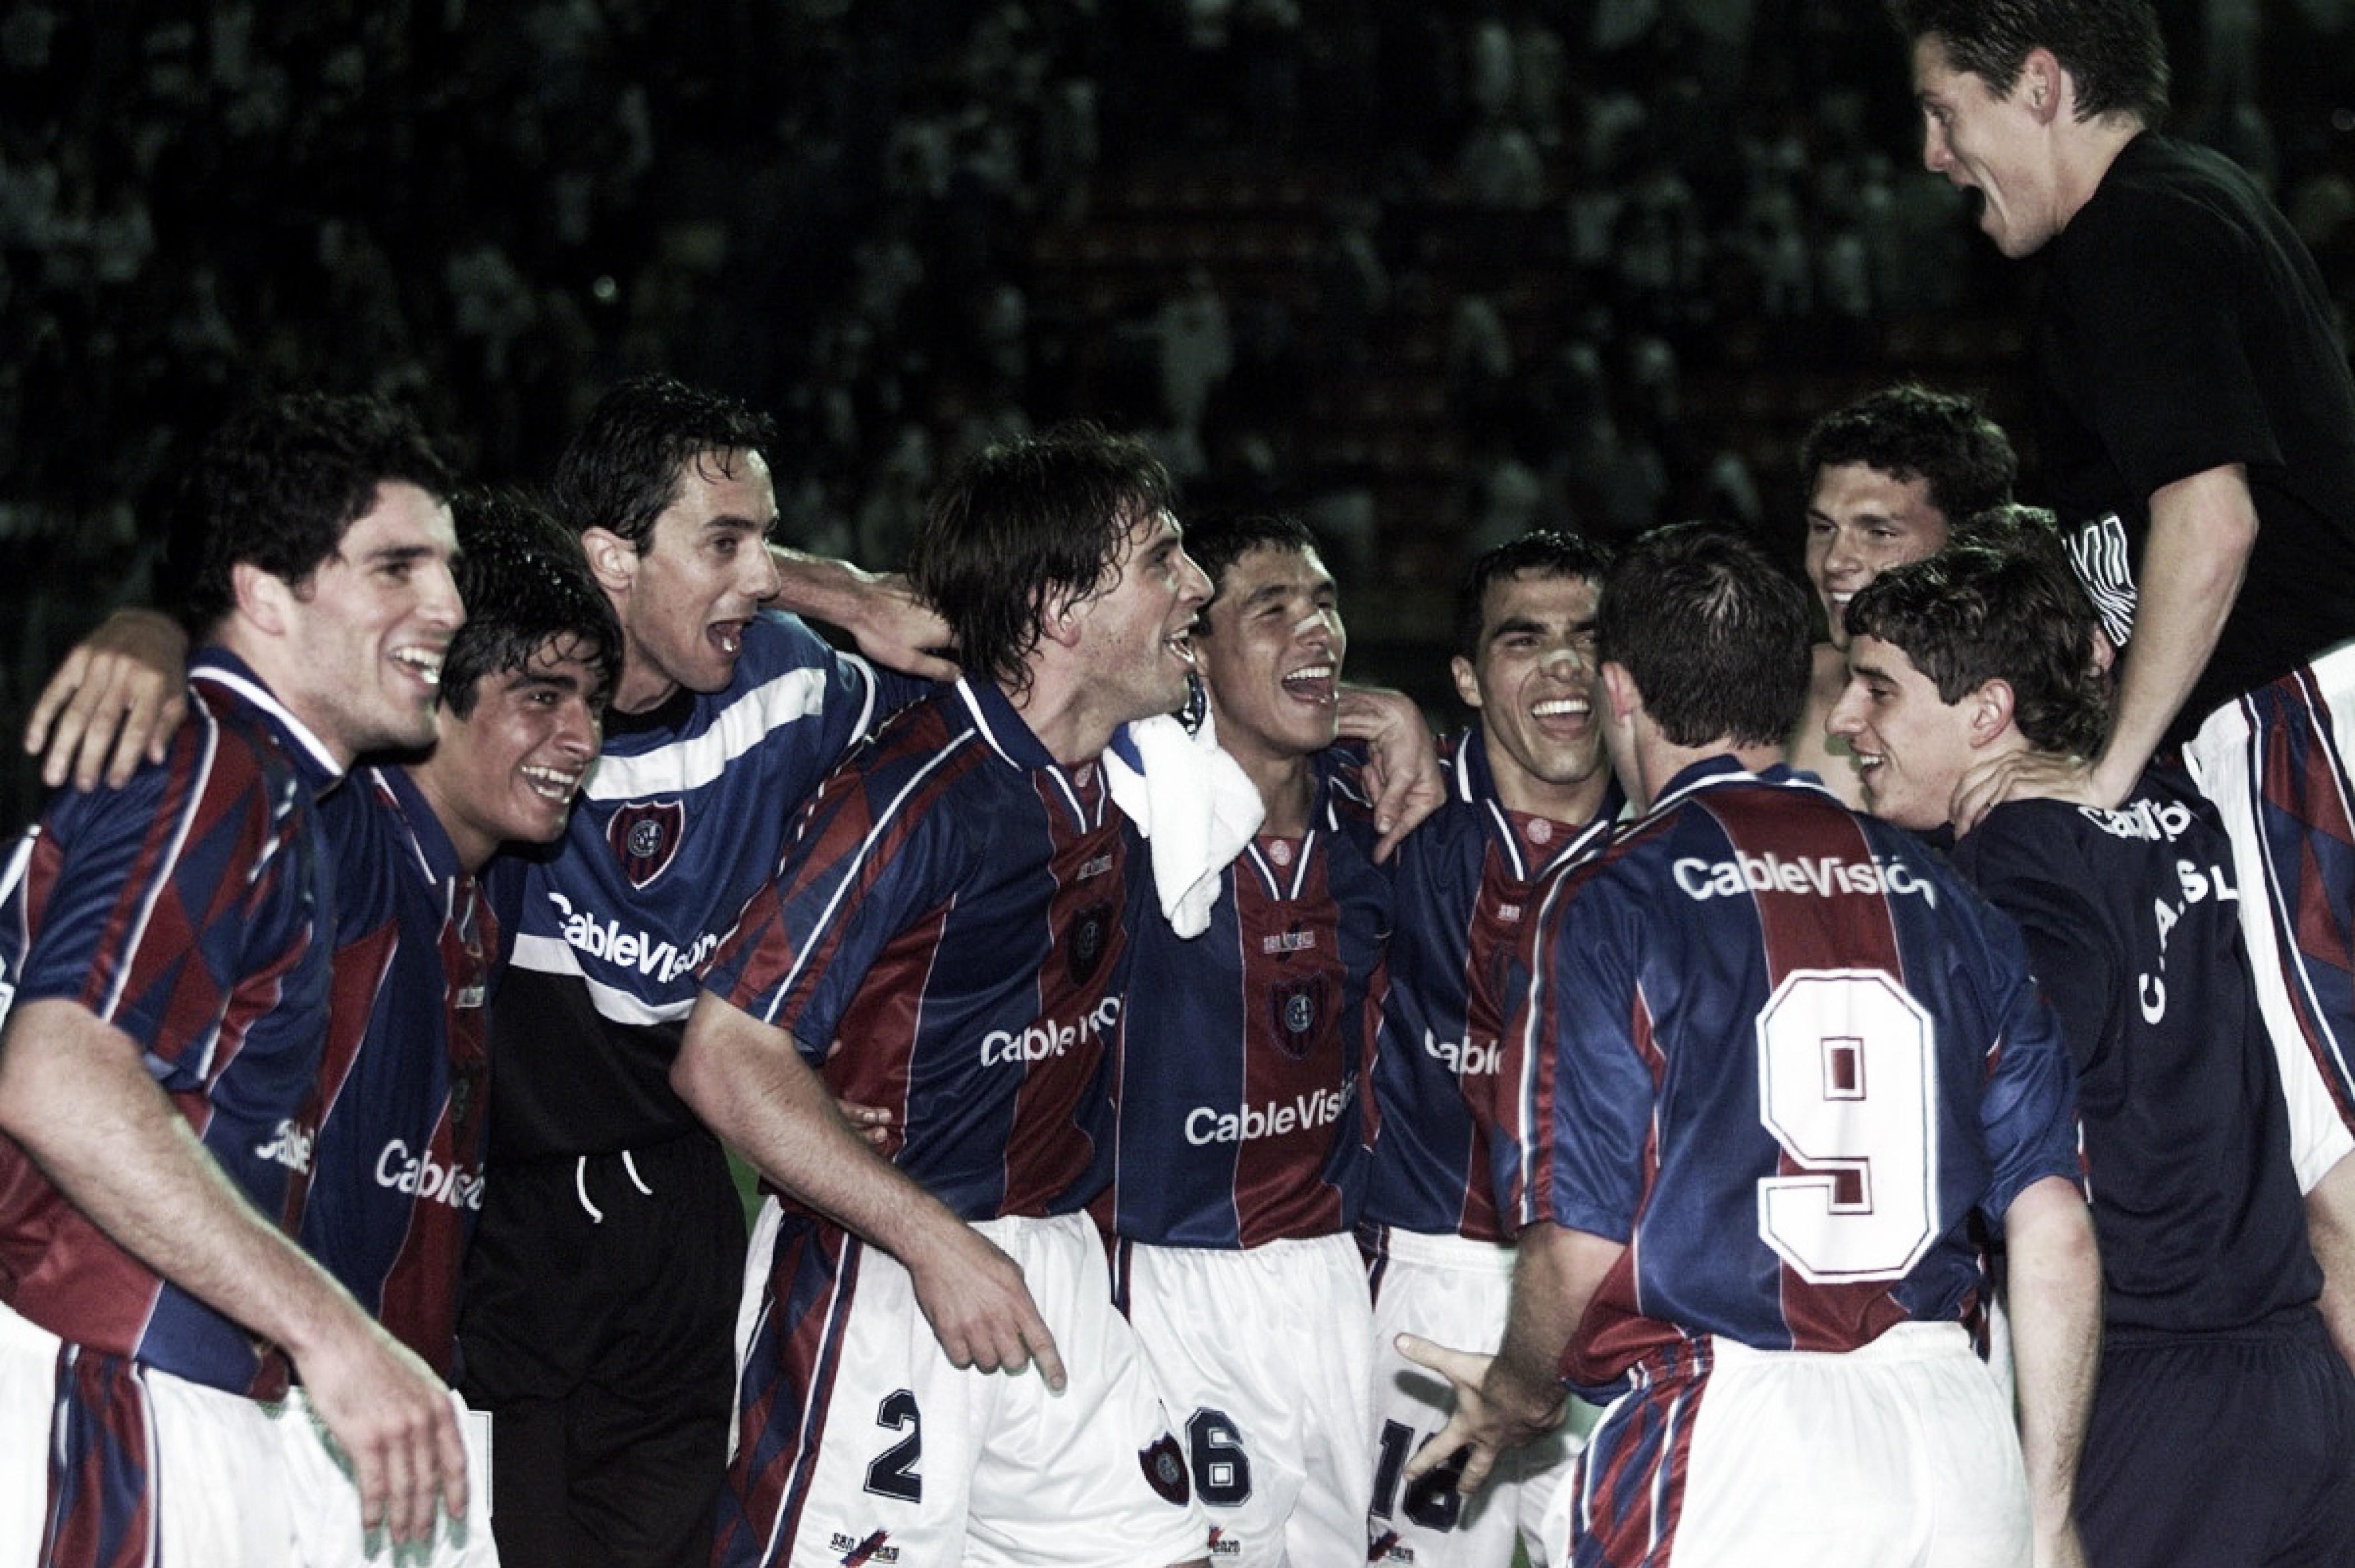 Un día como hoy pero de 1999, San Lorenzo vencía por primera vez a Chacarita en el Nuevo Gasómetro